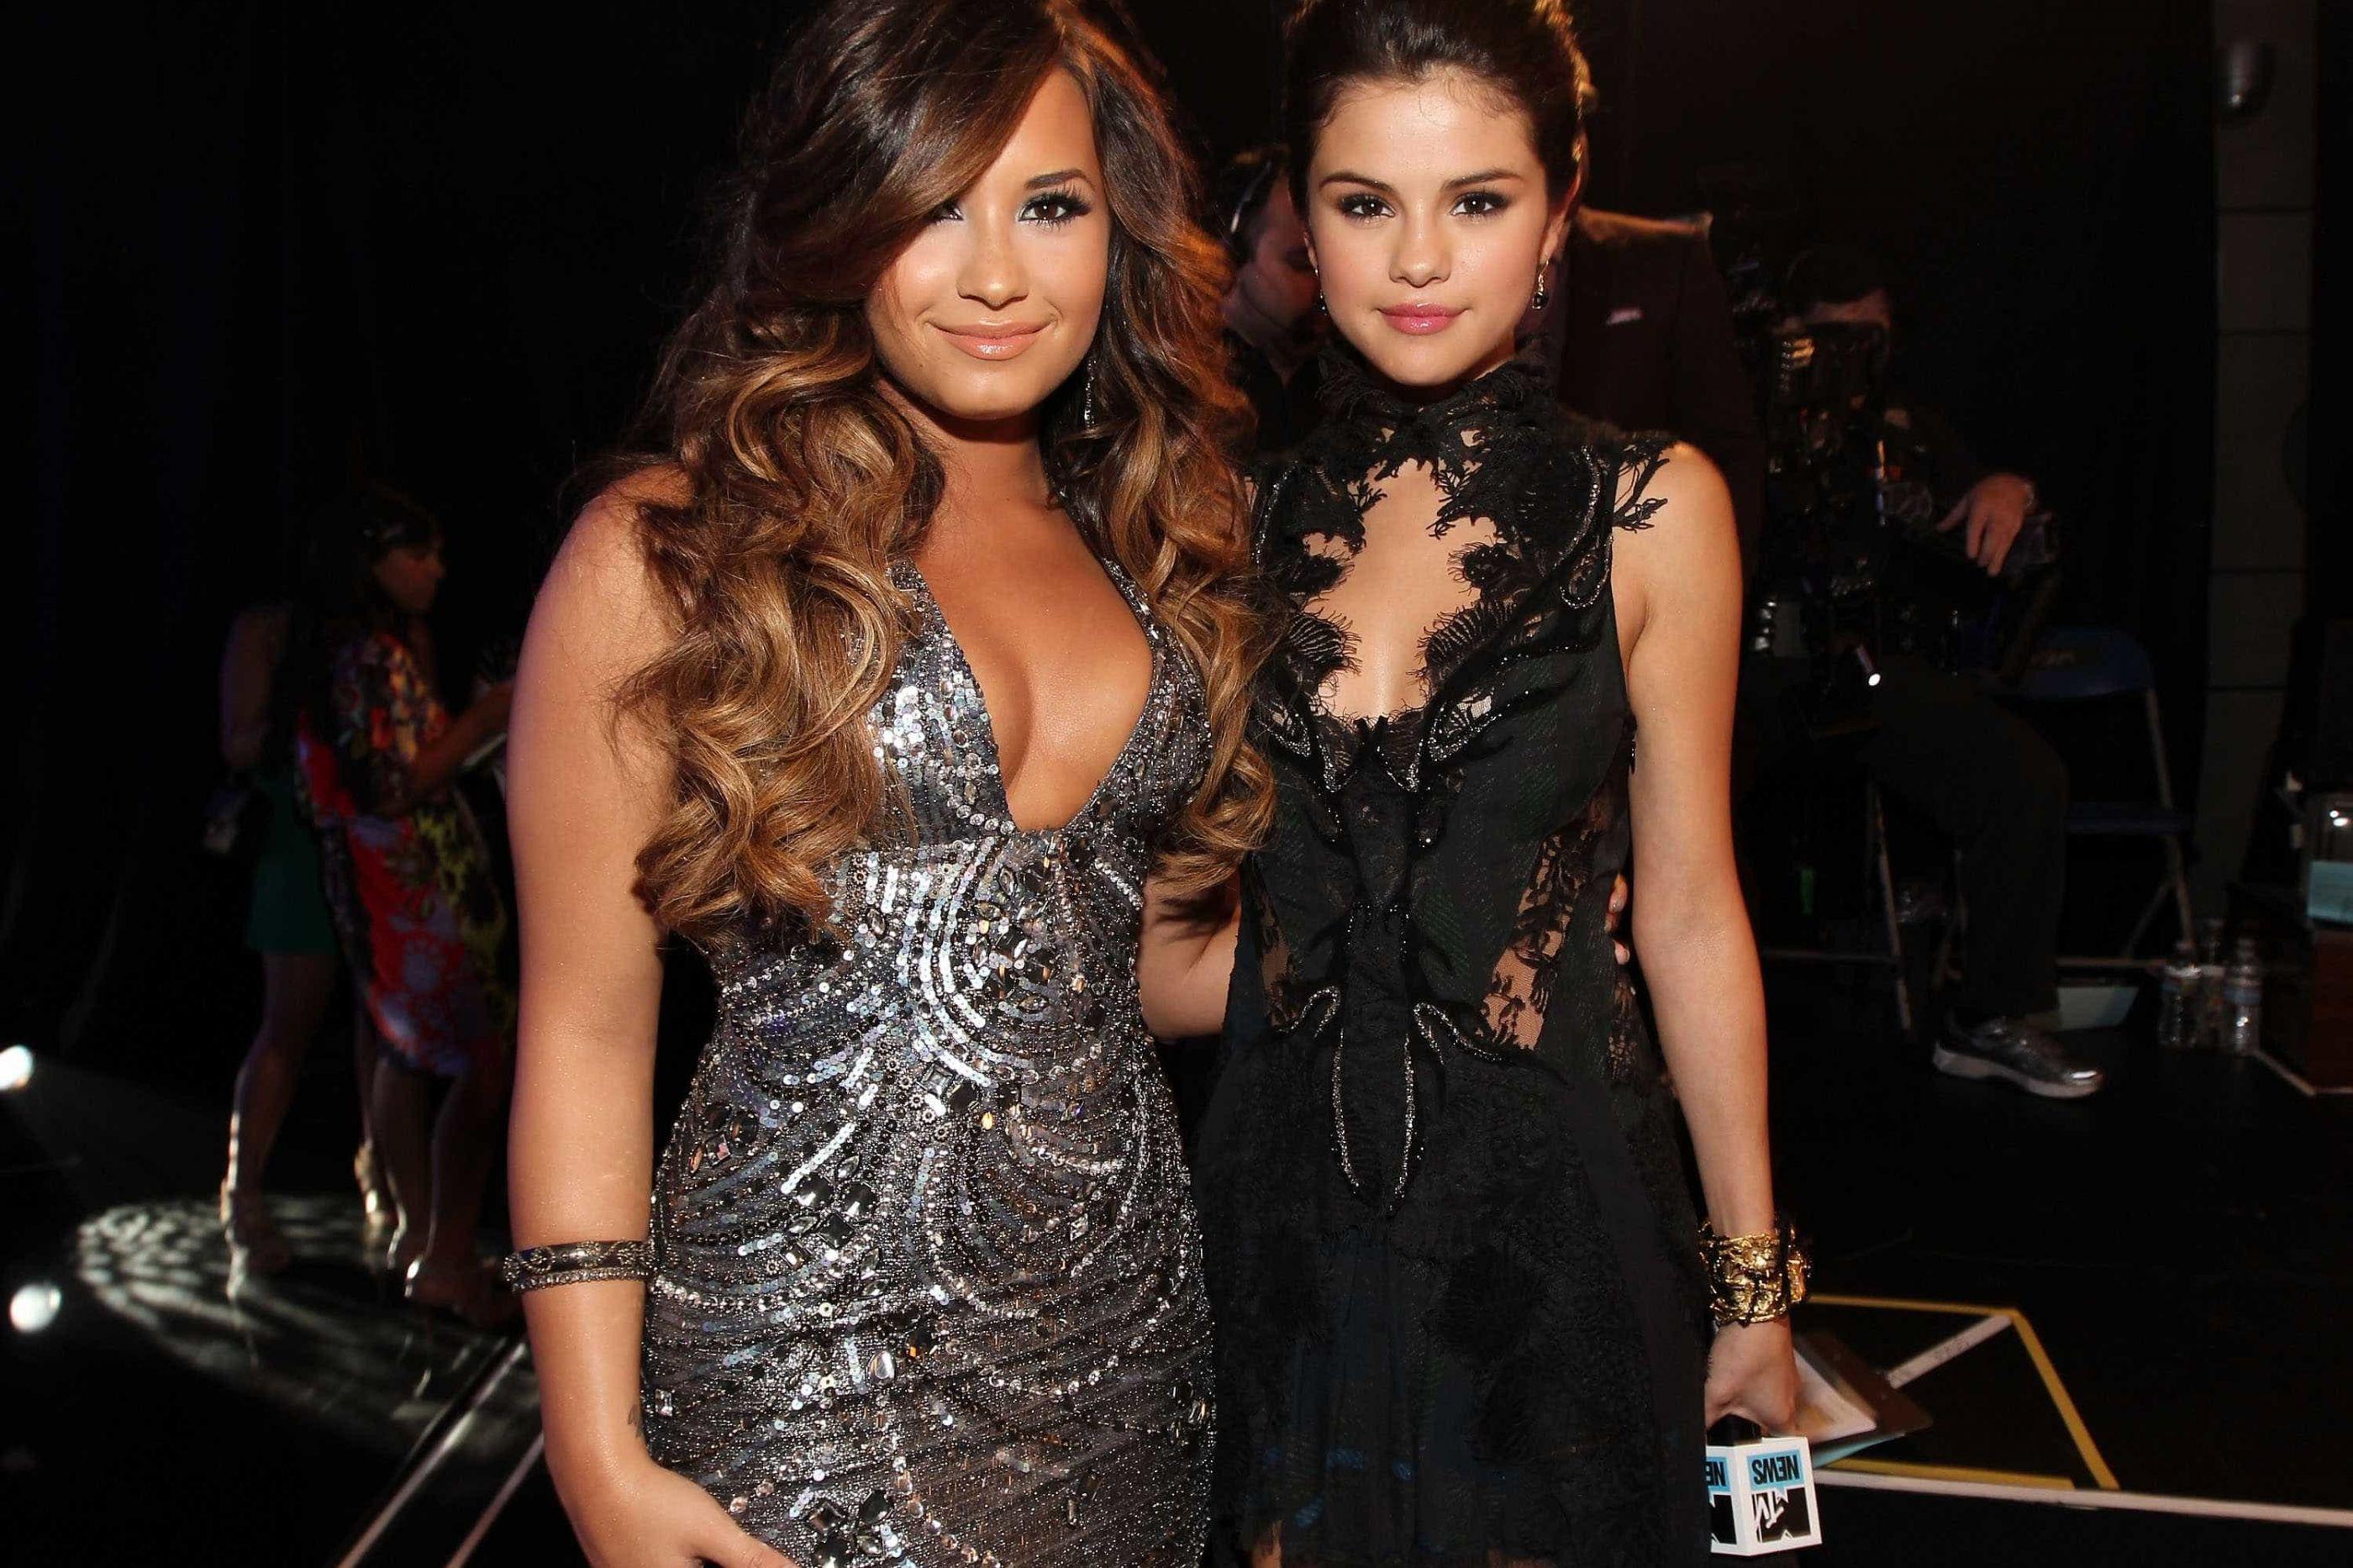 Fim da amizade? Demi Lovato deixa de seguir Selena Gomez